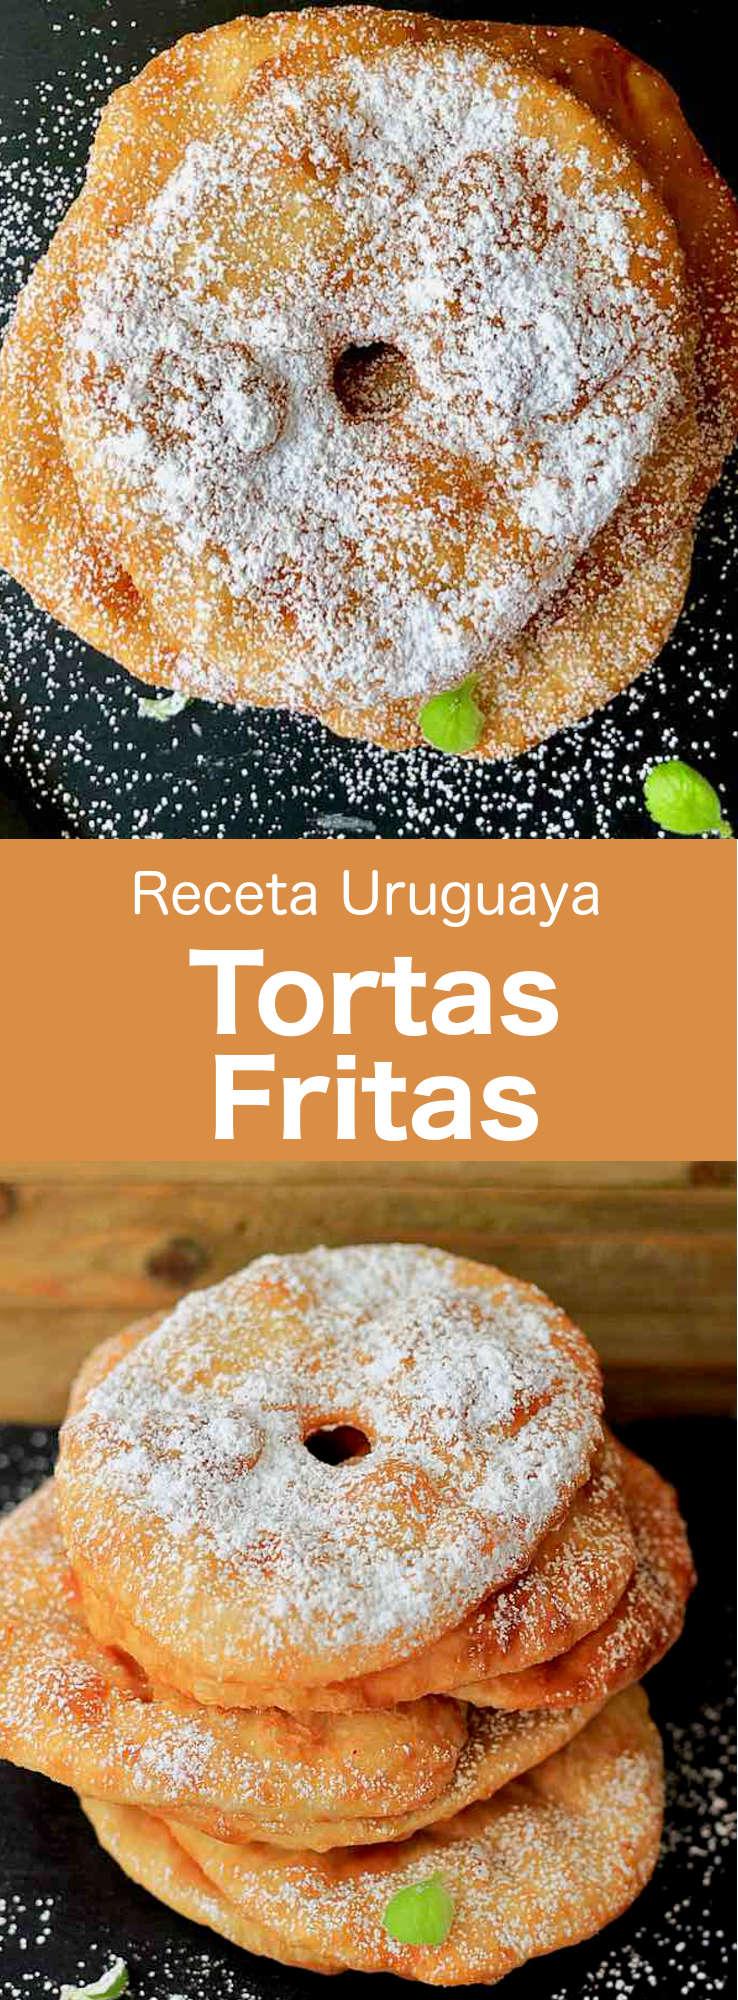 Las tortas fritas son populares en Argentina y Uruguay, donde es tradicional saborearlas durante las tardes lluviosas junto con un mate.